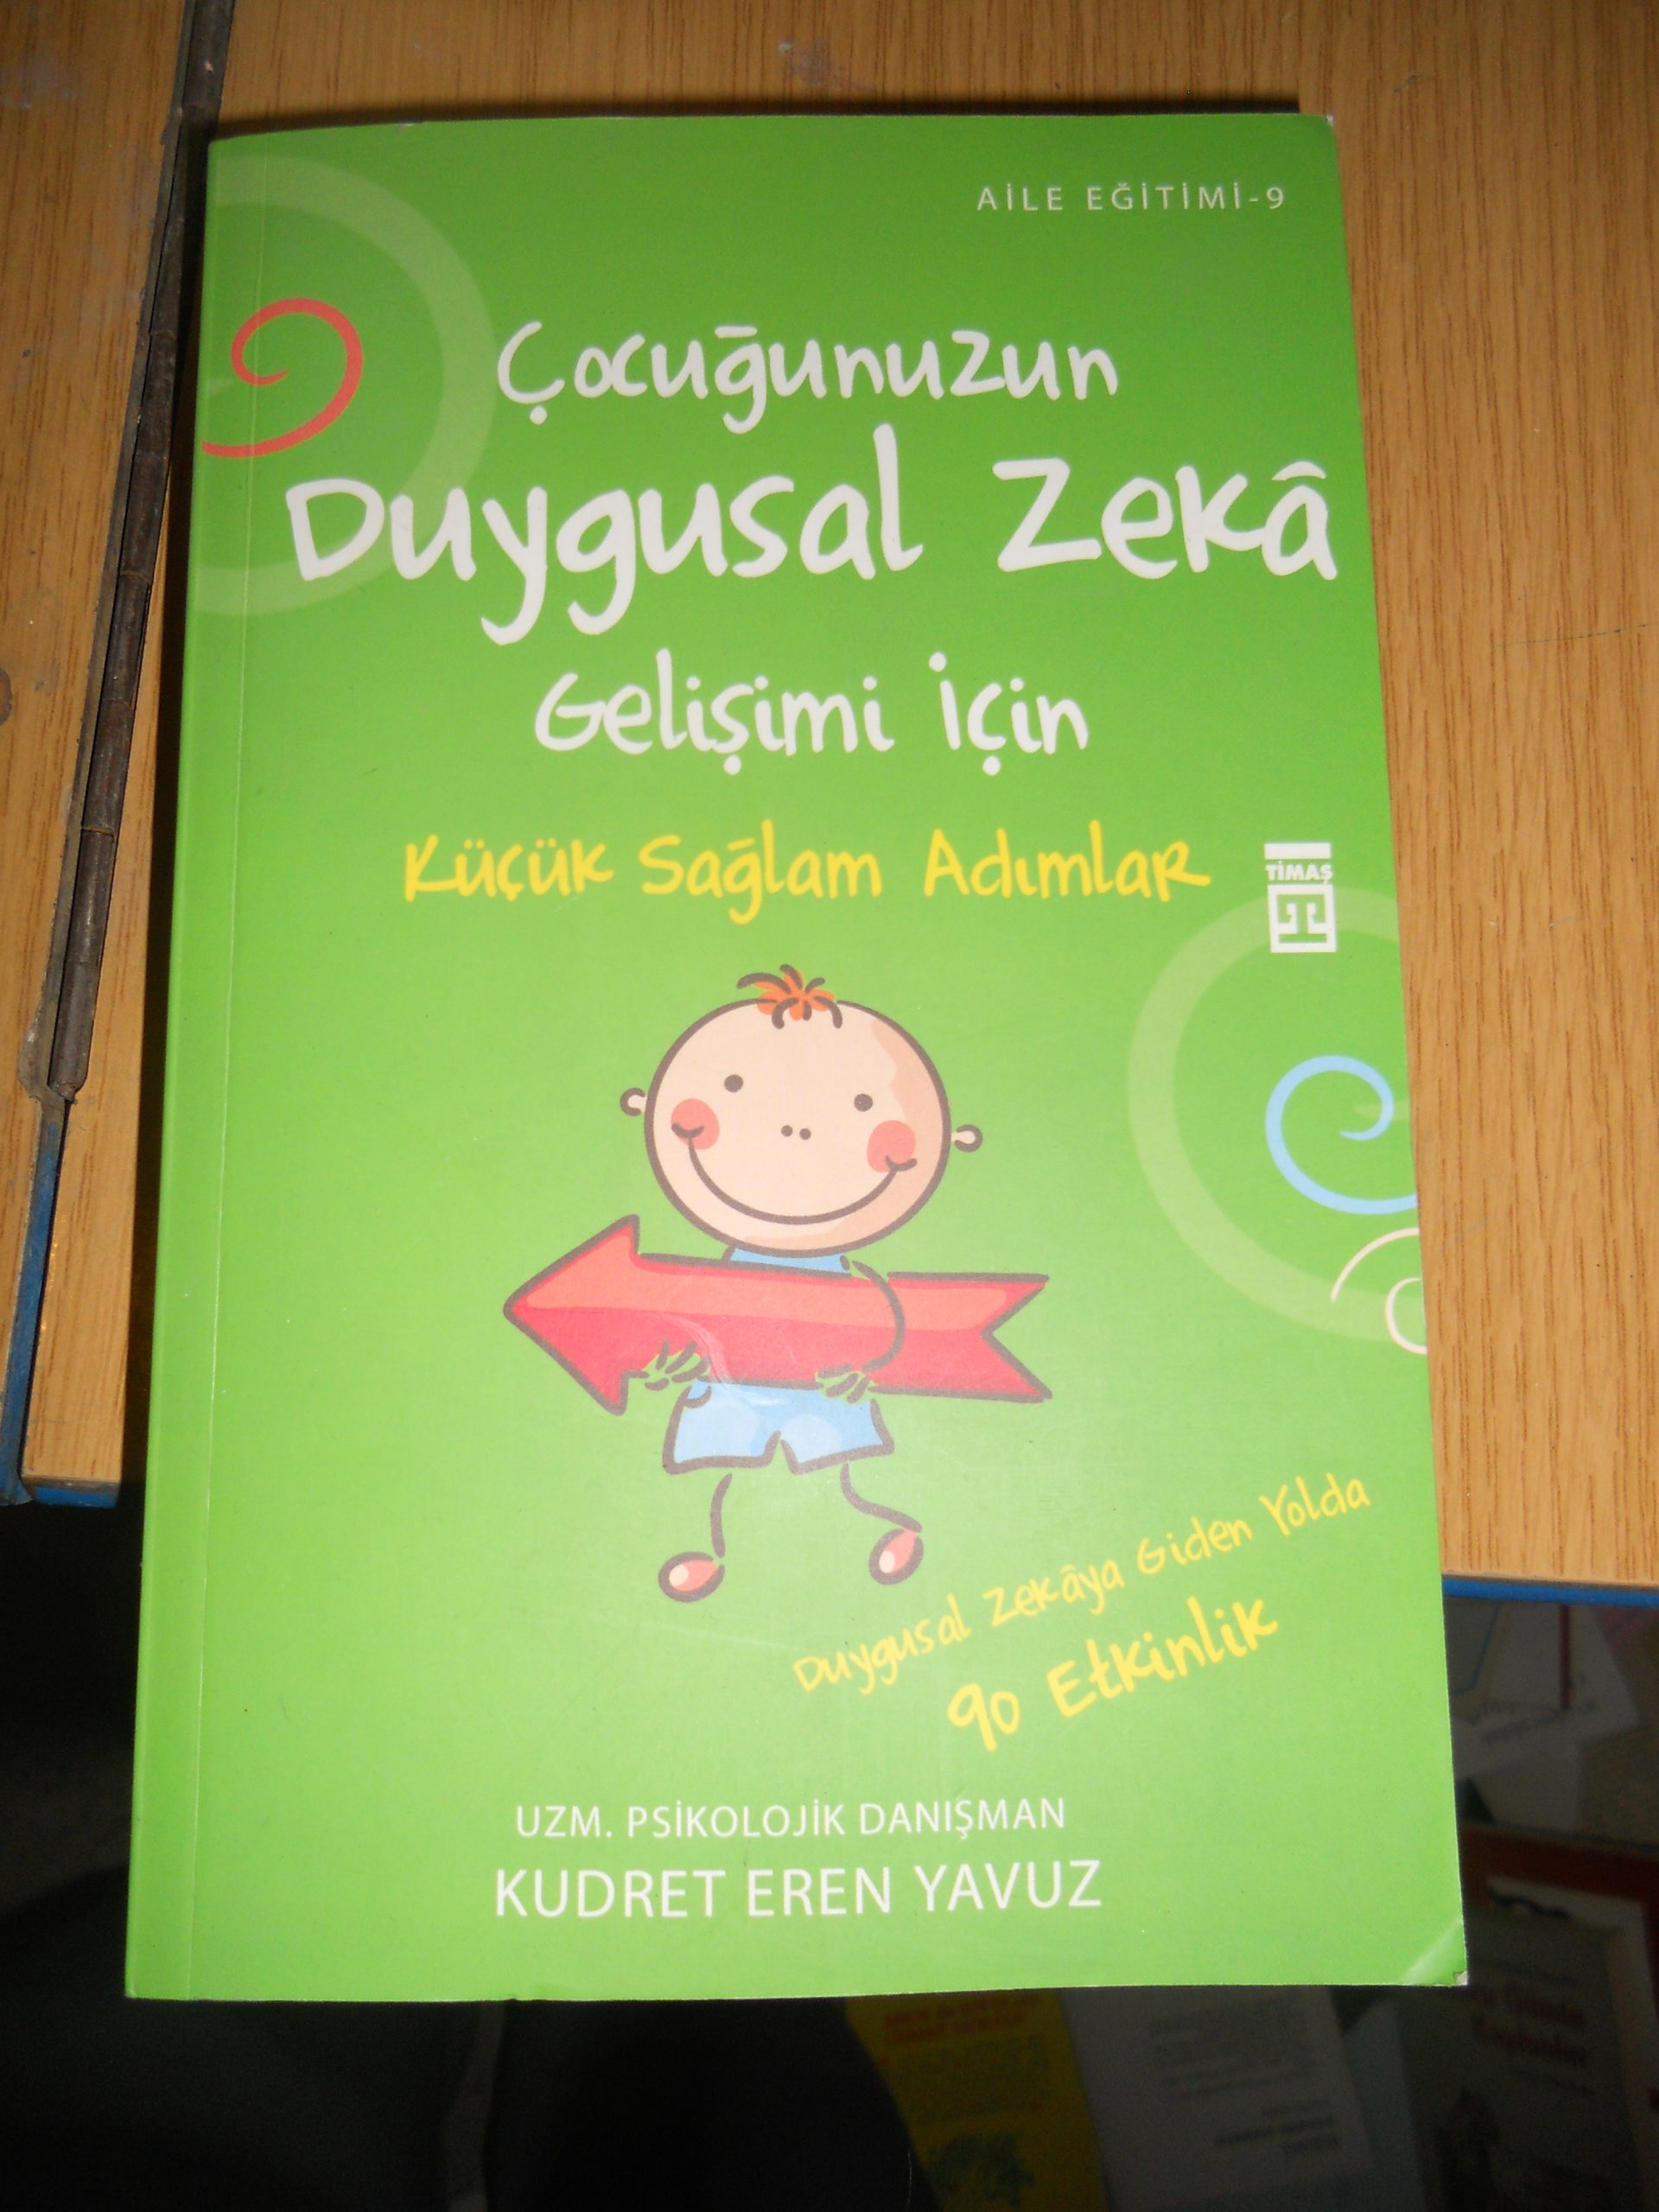 Çocuğunuzun DUYGUSAL ZEKA gelişimi için küçük sağlam adımlar/Kudret Eren YAVUZ/15TL